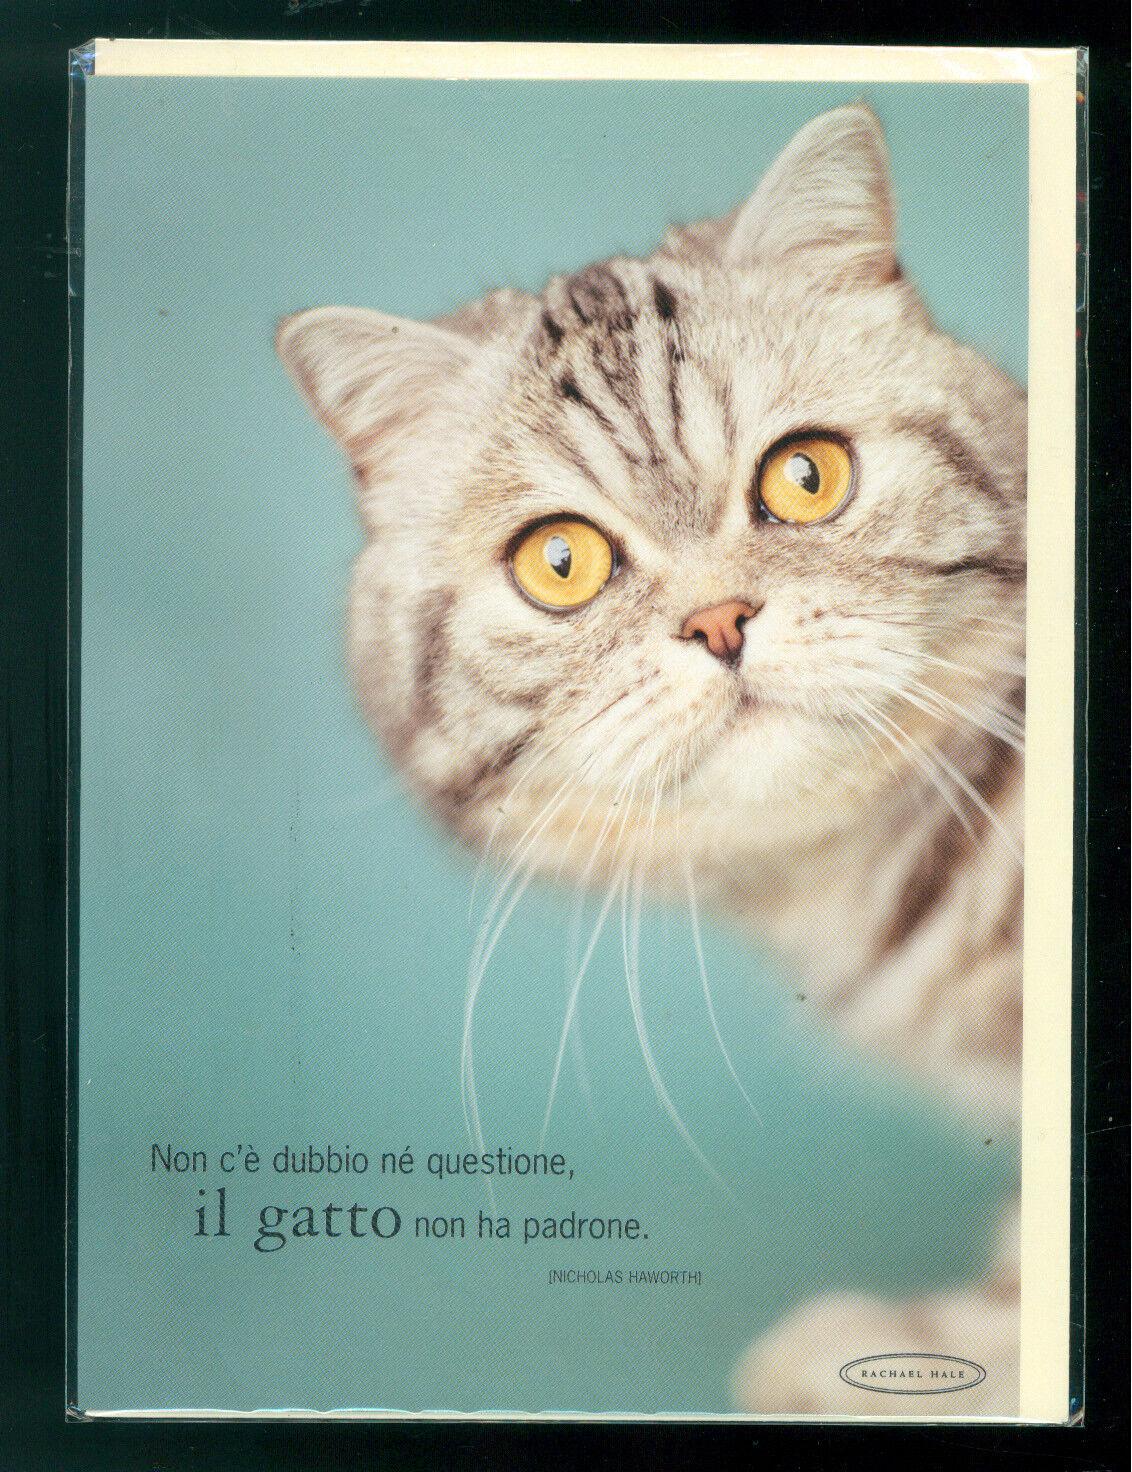 RACHAEL HALE BIGLIETTO AUGURI GIFT CARD MEDIO GATTO CAT 2004 BUSTER